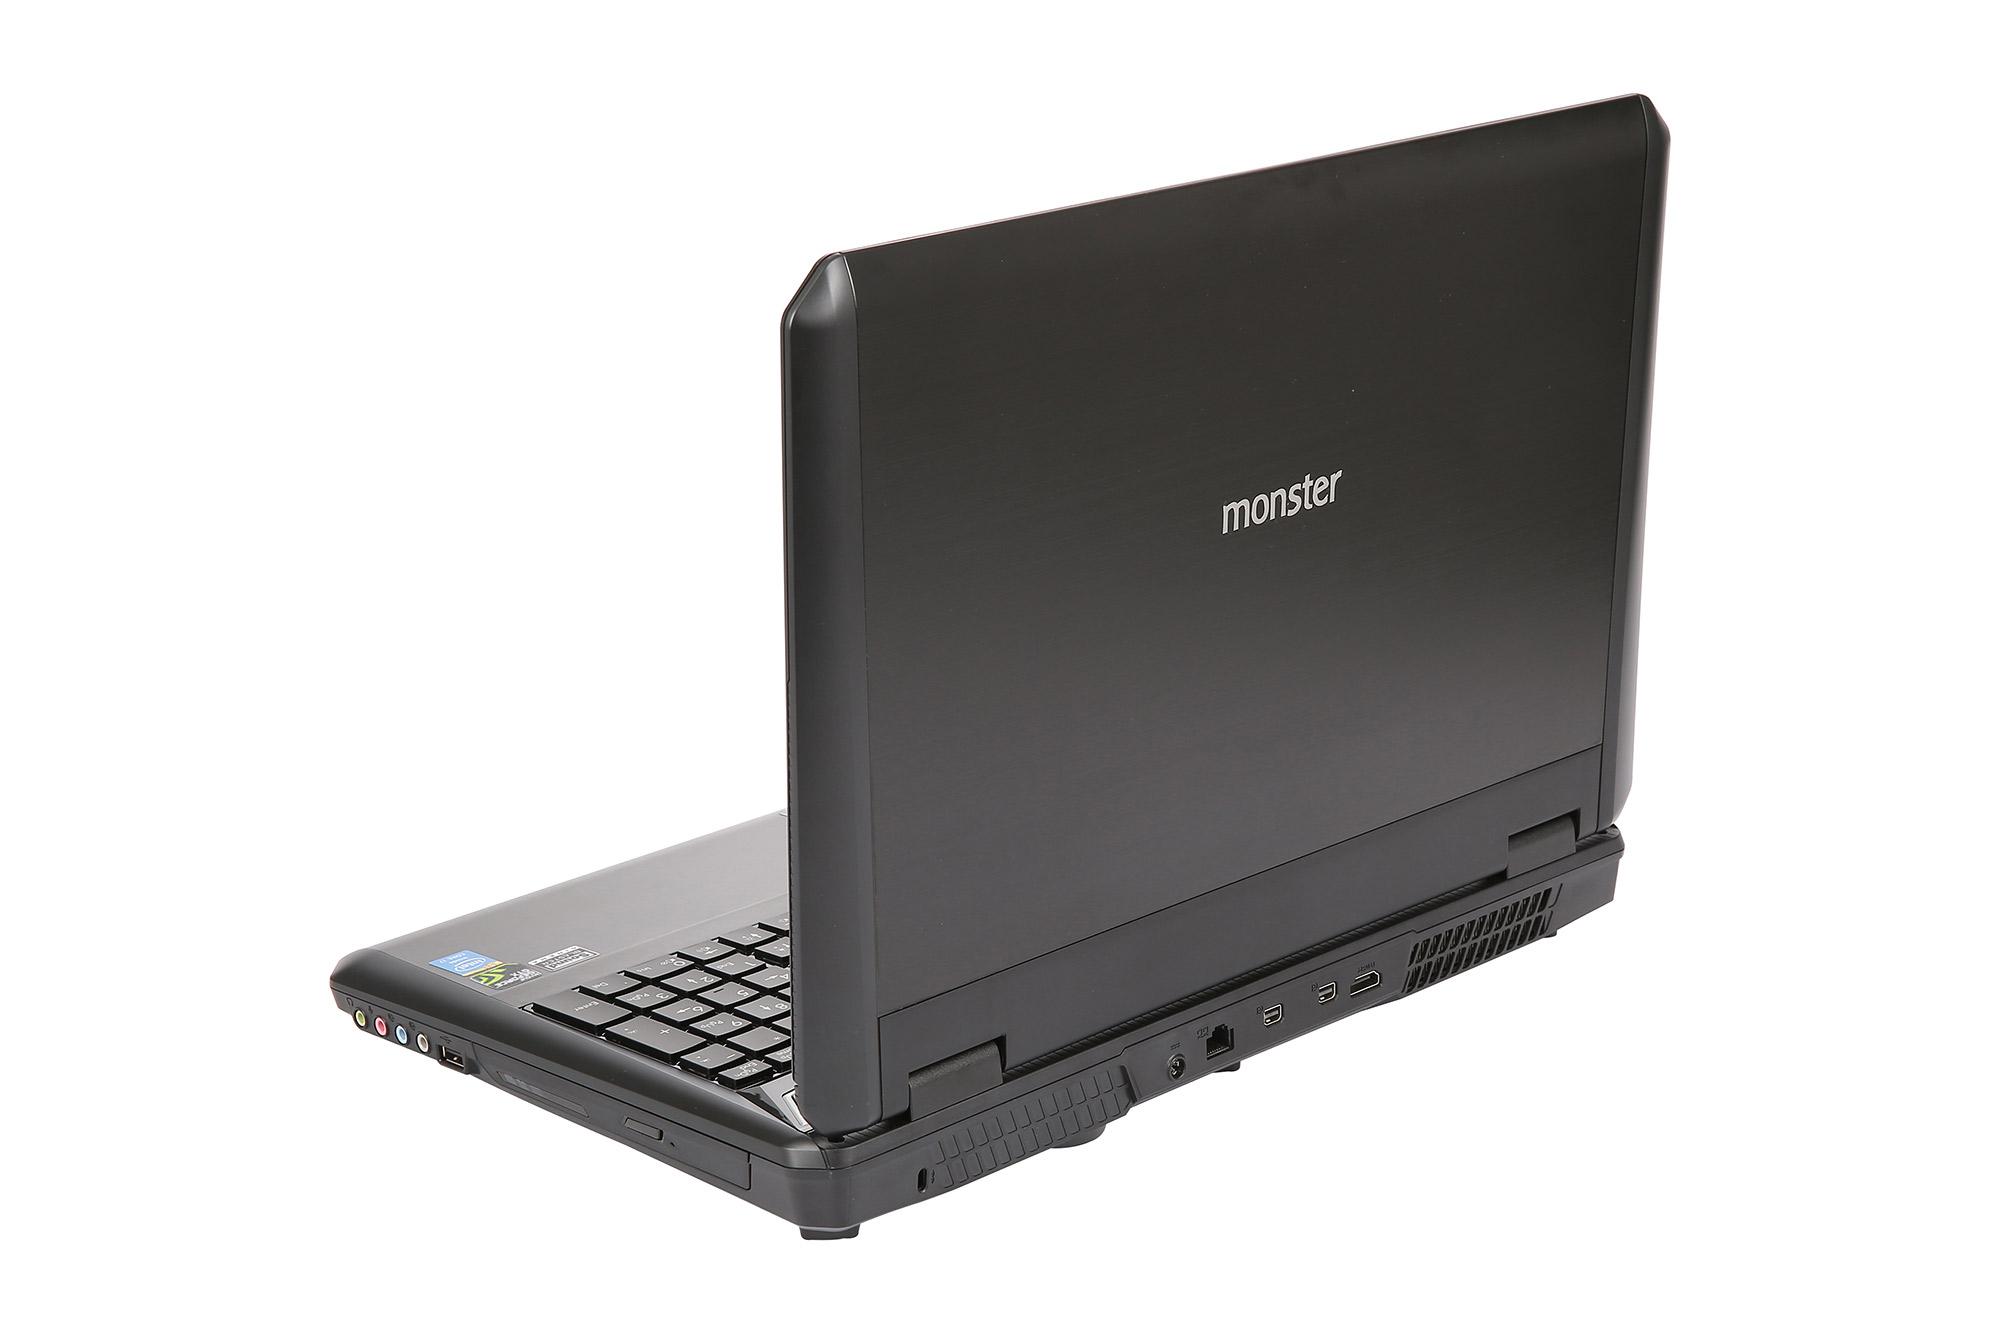 MONSTER® MARKUT M5 V4.1 15.6